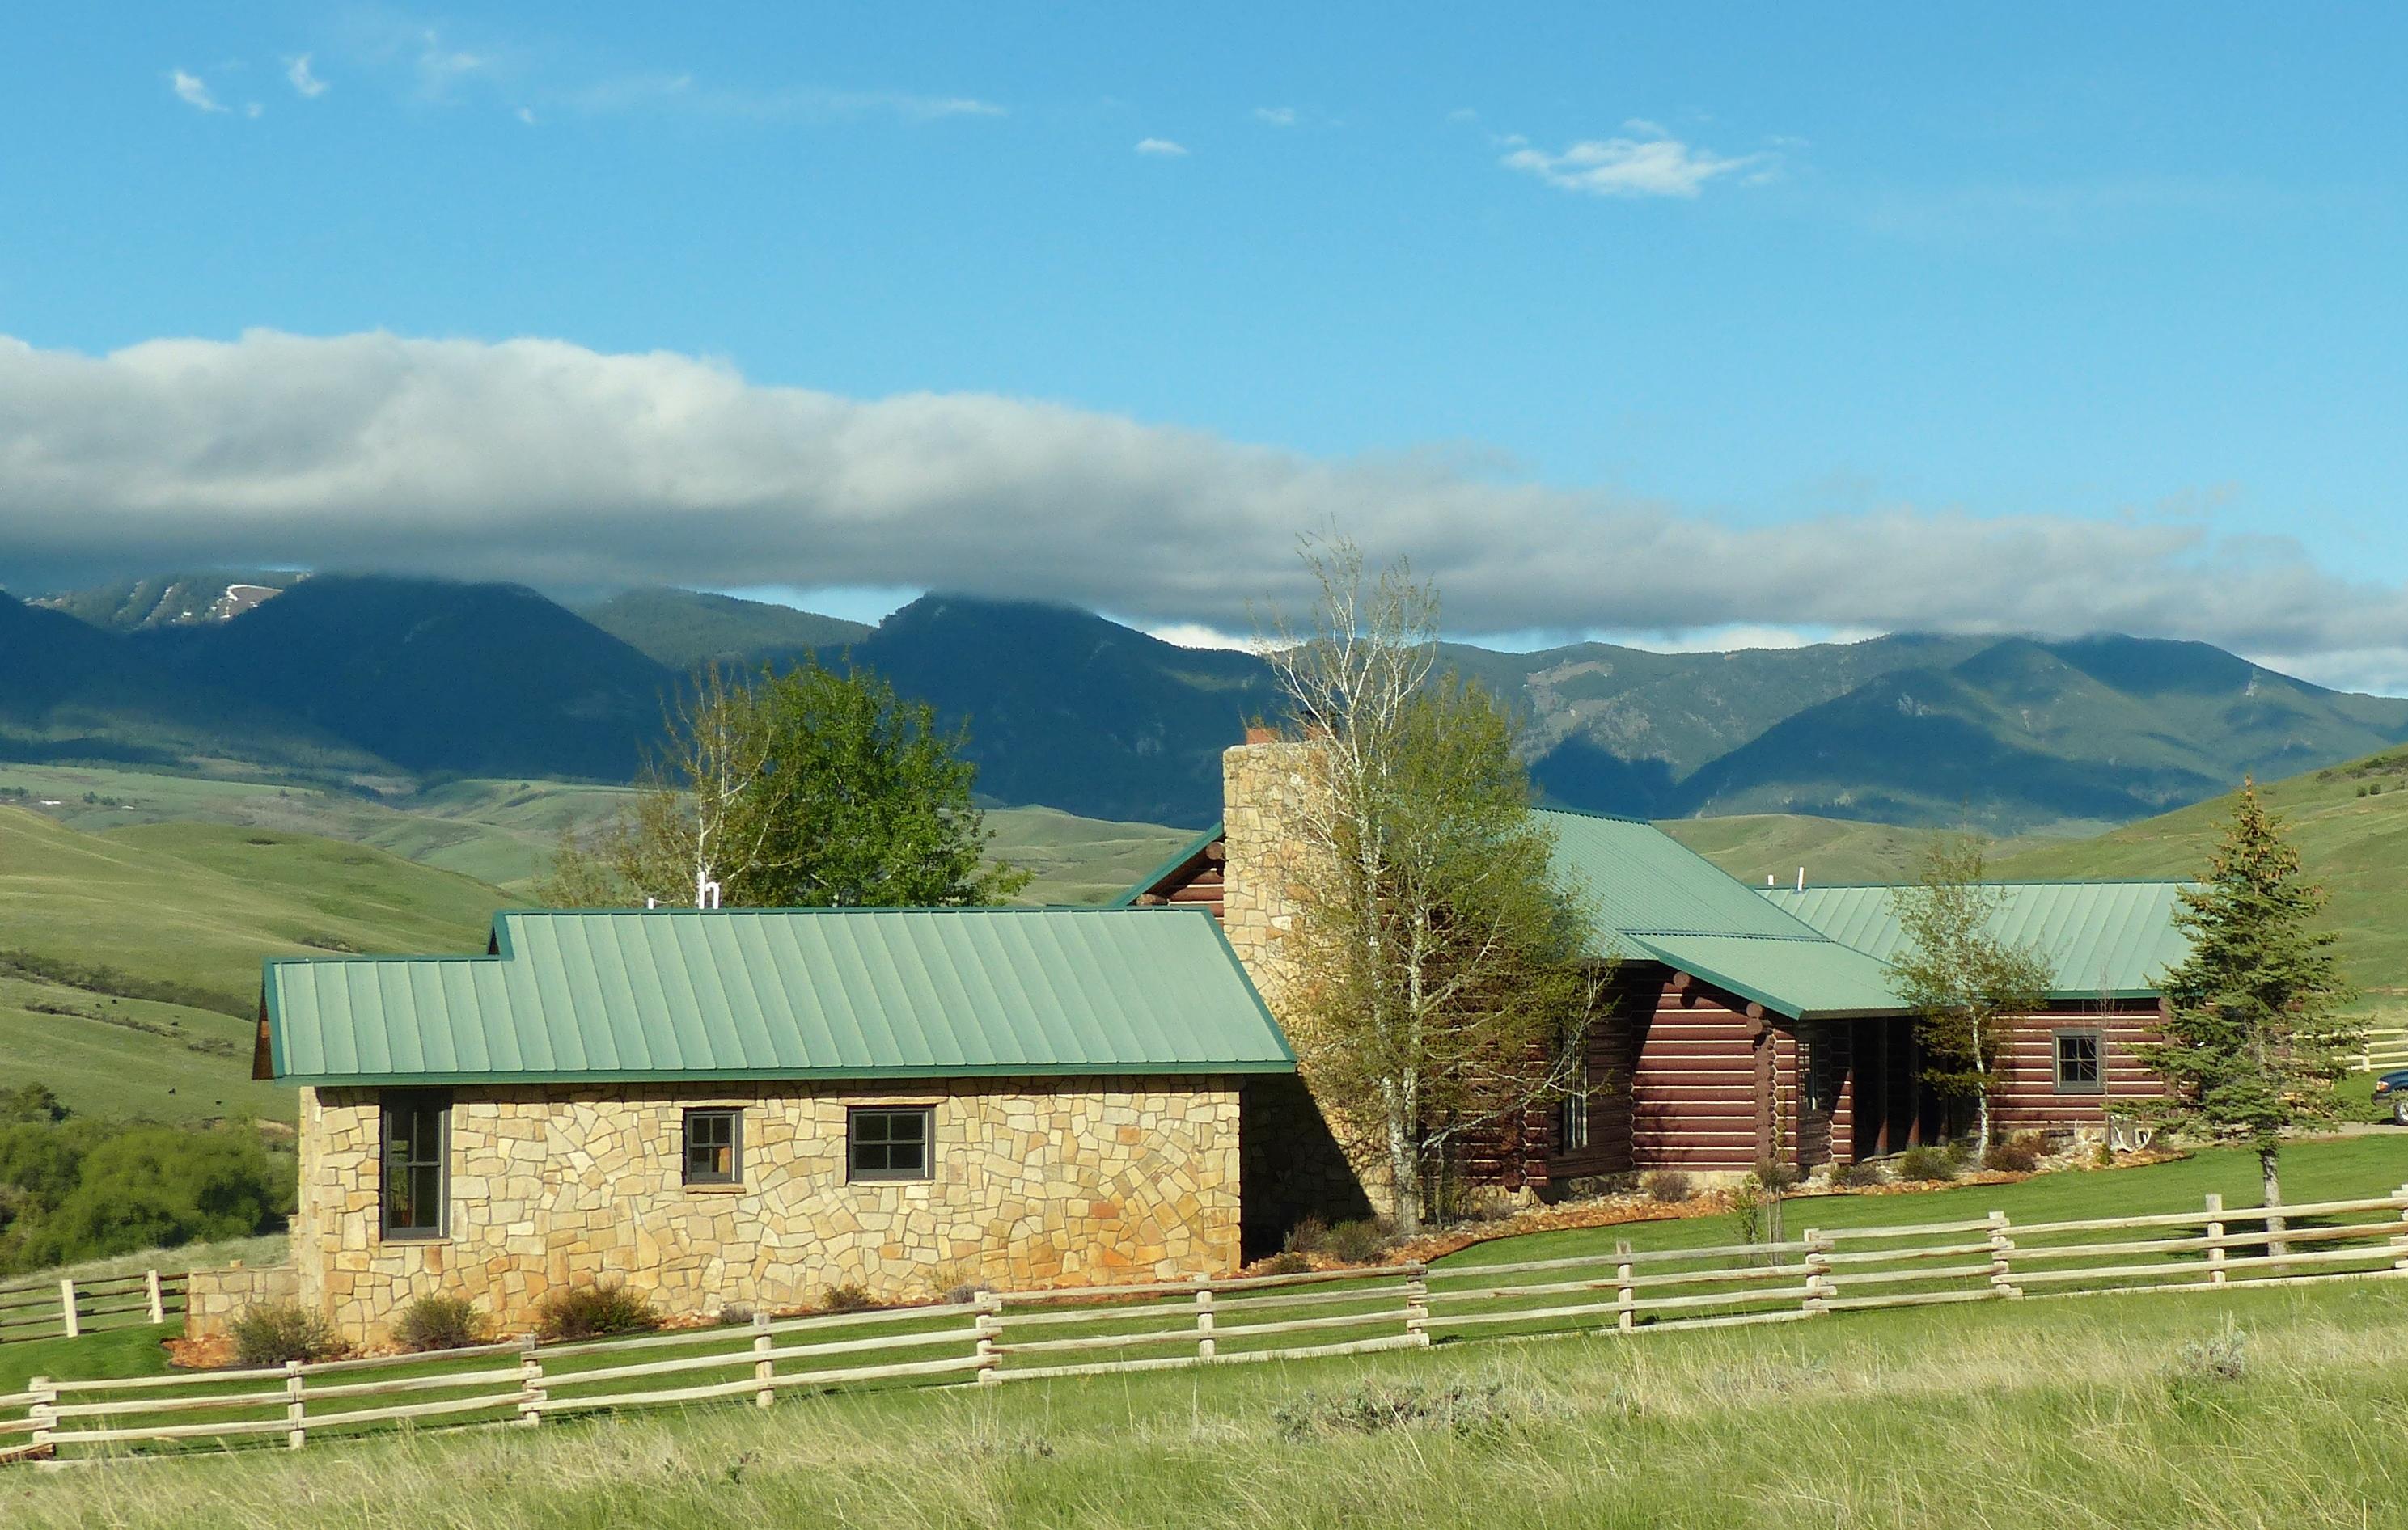 937 Beaver Creek Road, Big Horn, Wyoming 82833, 4 Bedrooms Bedrooms, ,5 BathroomsBathrooms,Residential,For Sale,Beaver Creek,18-535